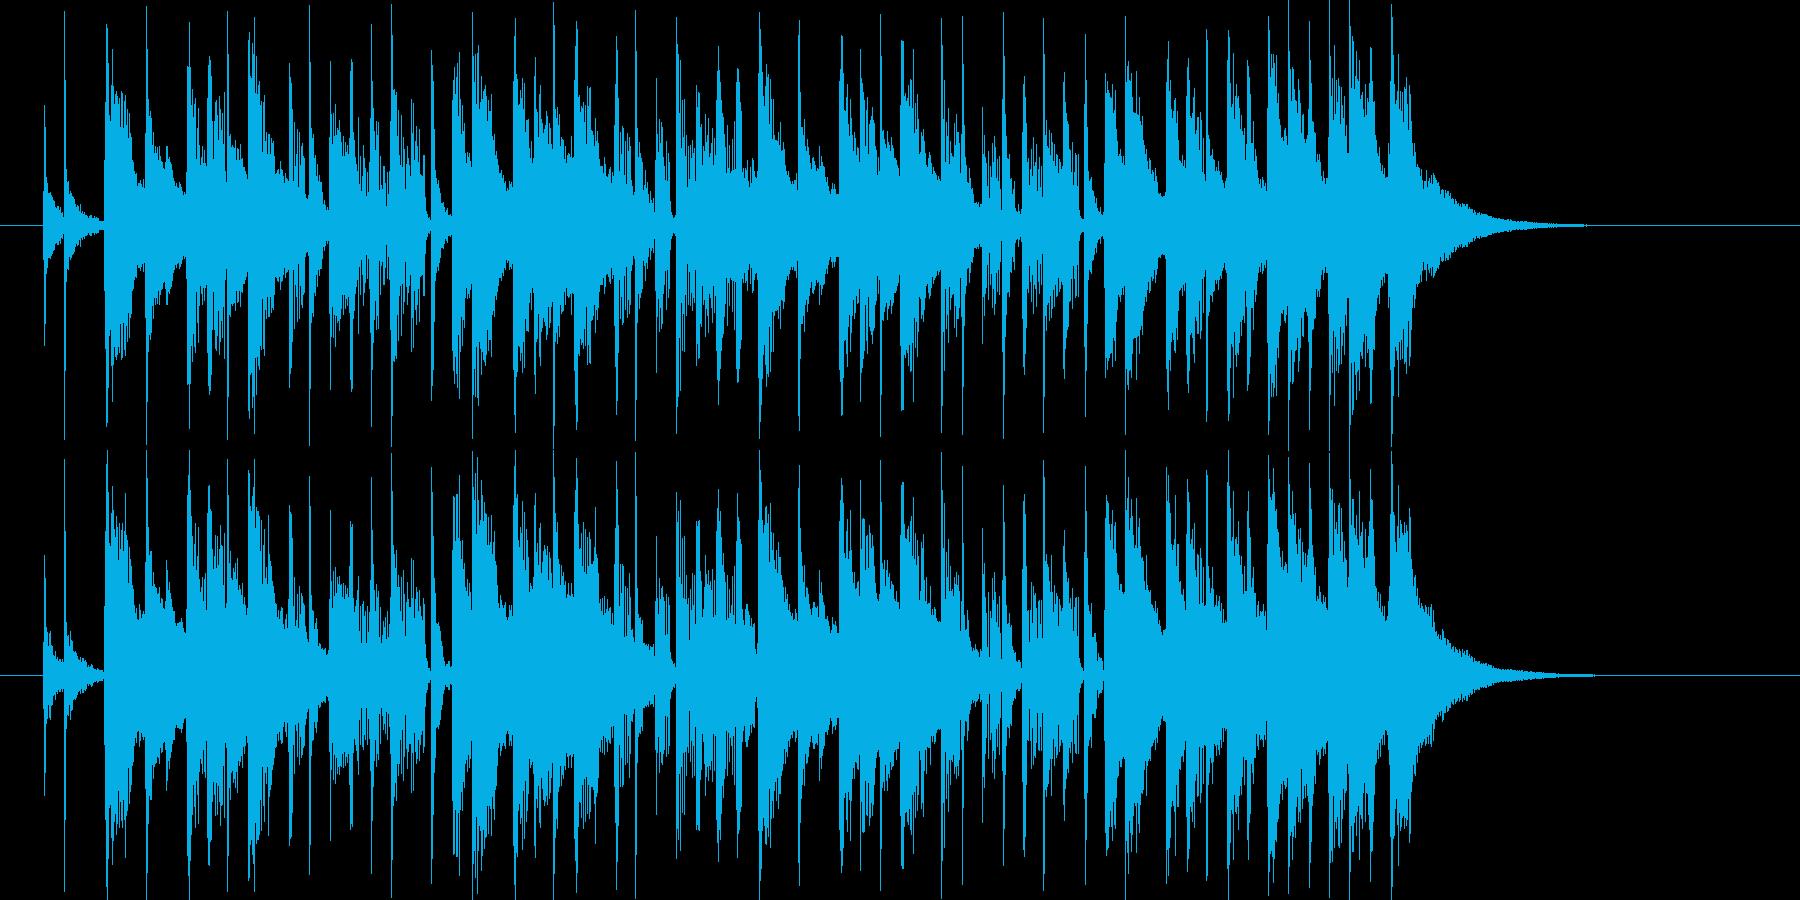 鉄琴とドラムが軽快なシンセポップの再生済みの波形